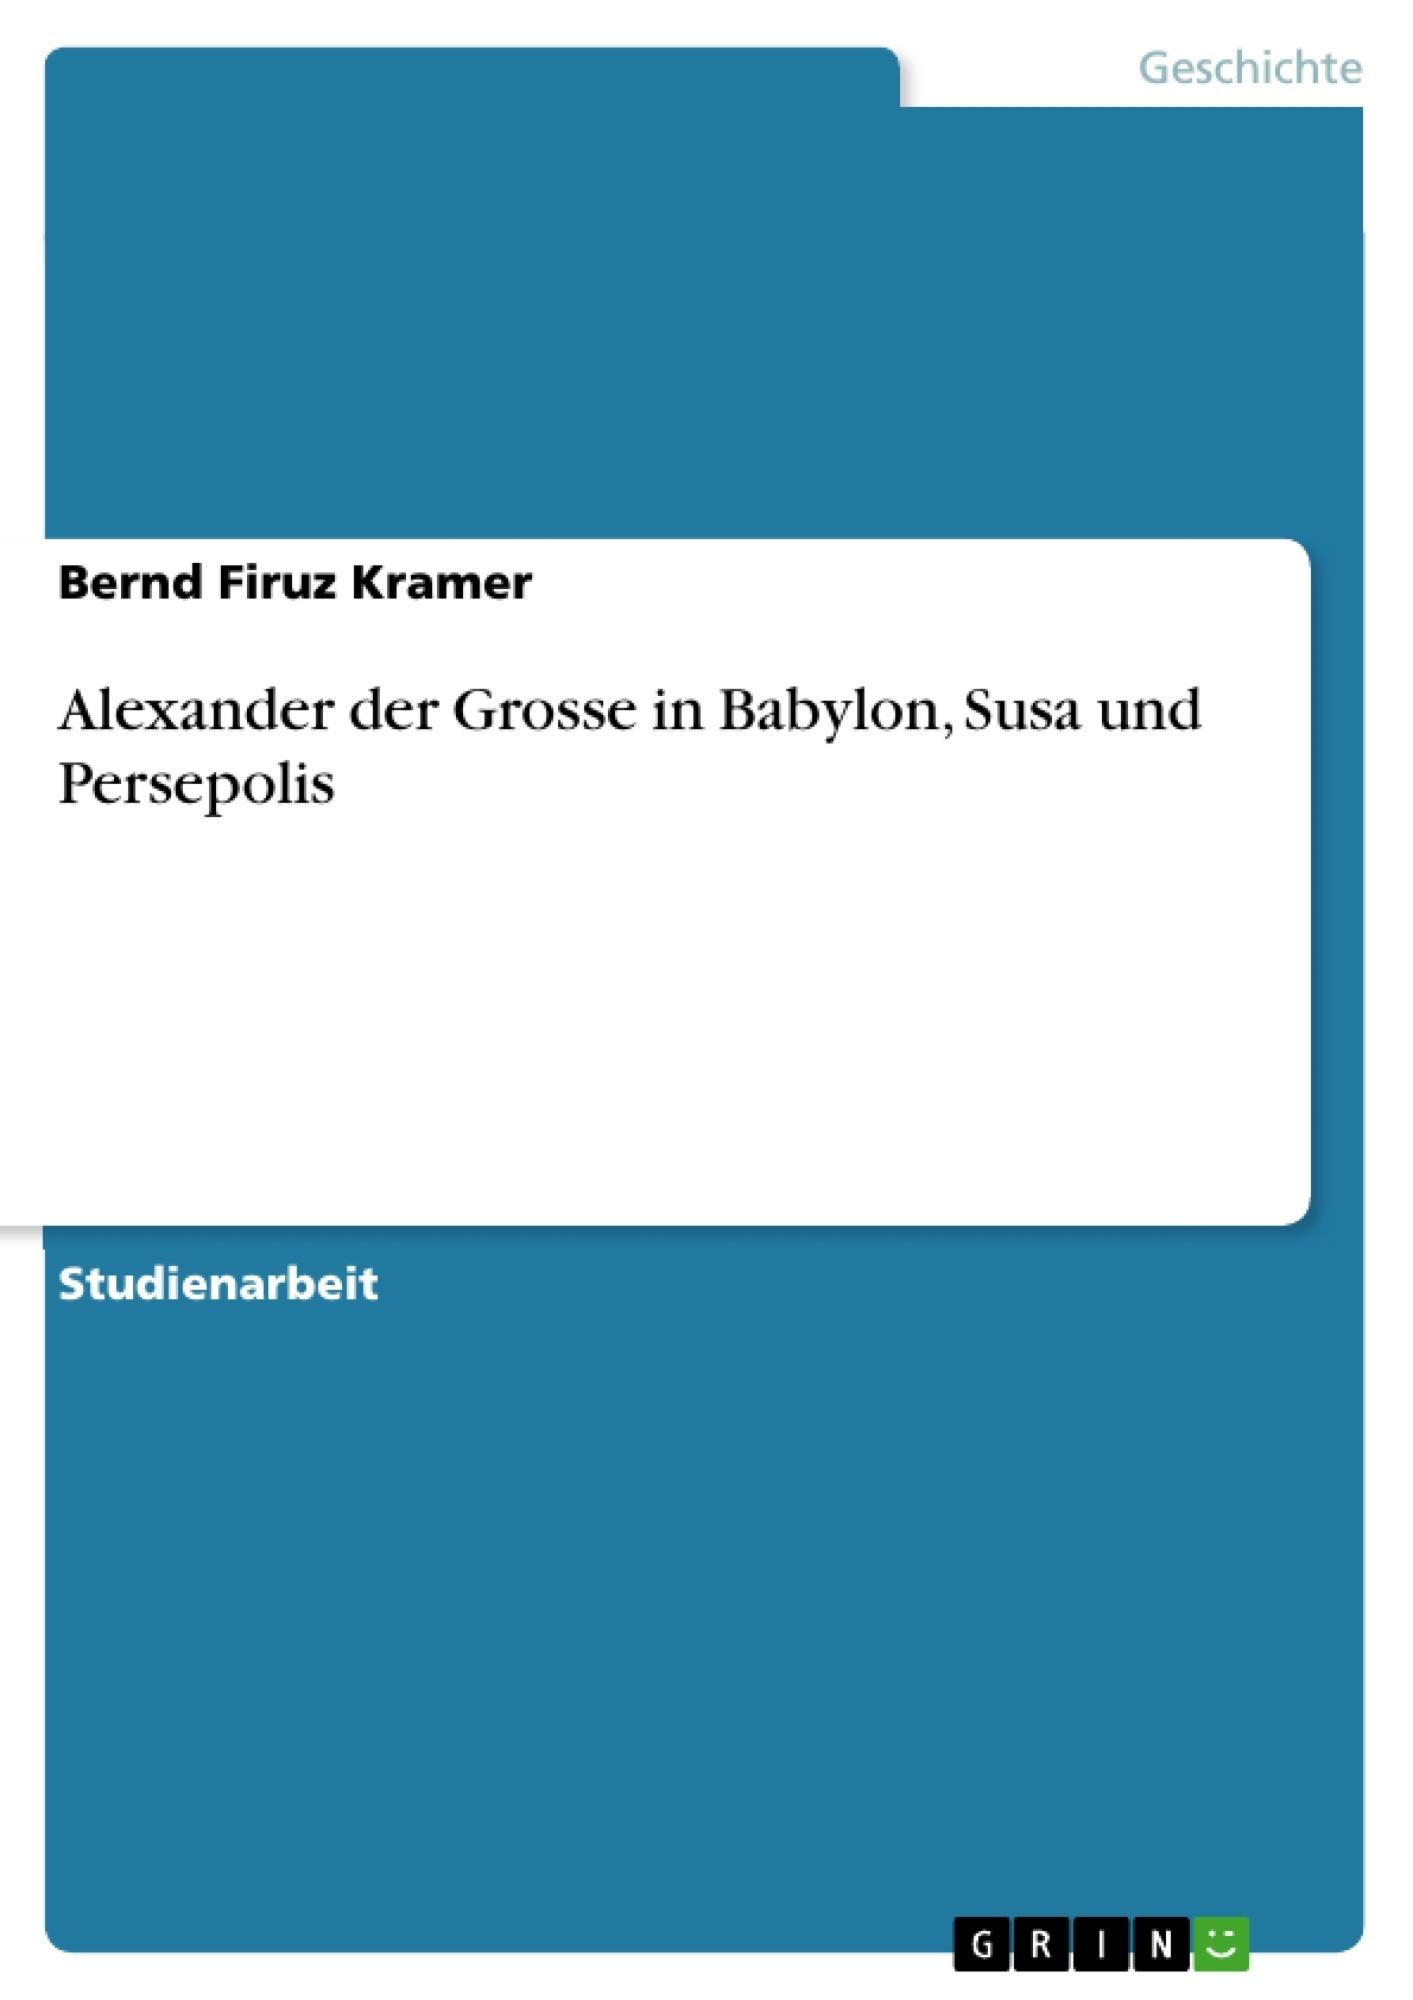 Titel: Alexander der Grosse in Babylon, Susa und Persepolis